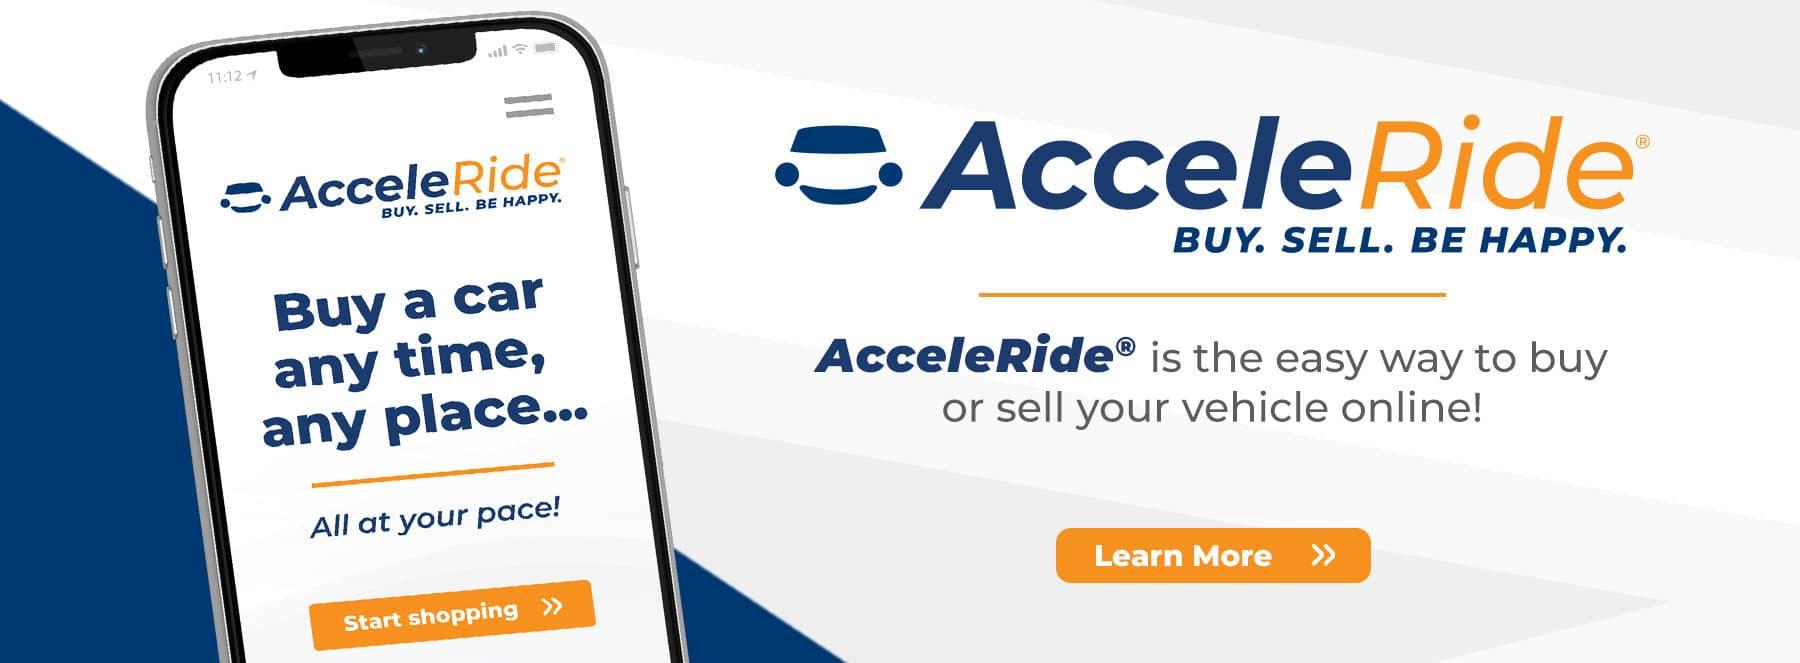 Grp1_HondaSlidell_AccelerideSlide_1800x663_6-21